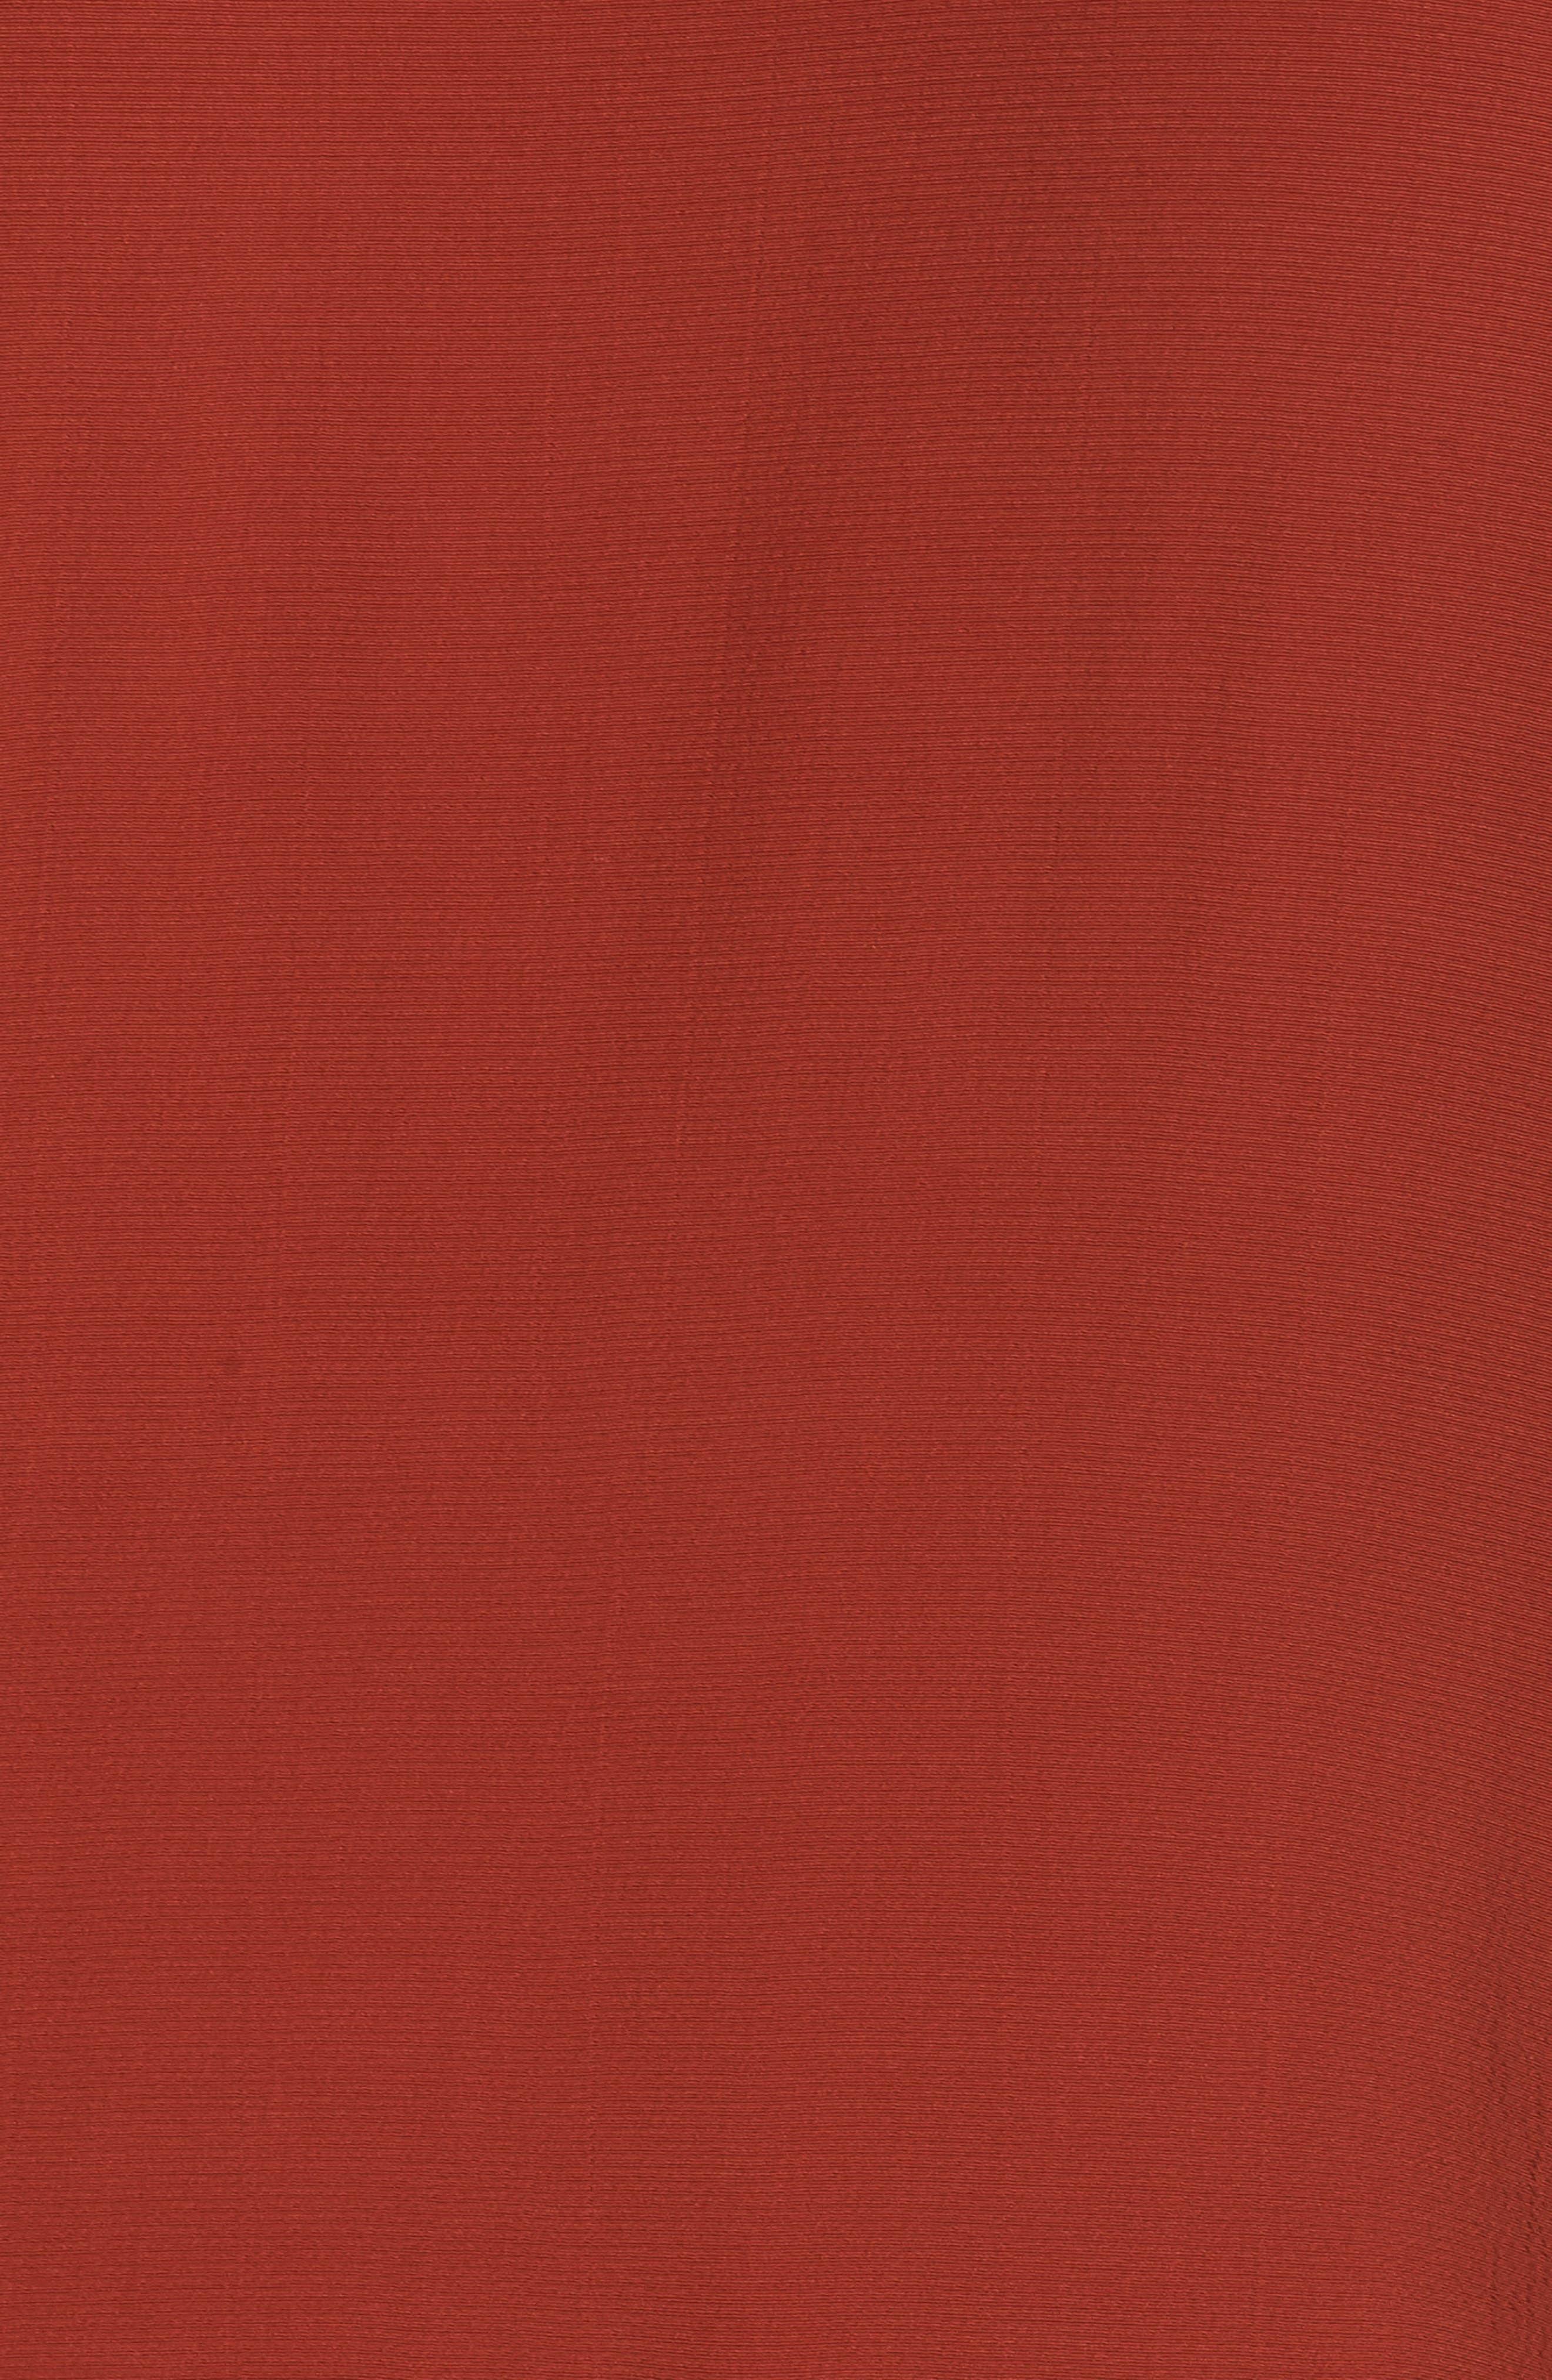 Tencel<sup>®</sup> Blend A-Line Shift Dress,                             Alternate thumbnail 5, color,                             Parka